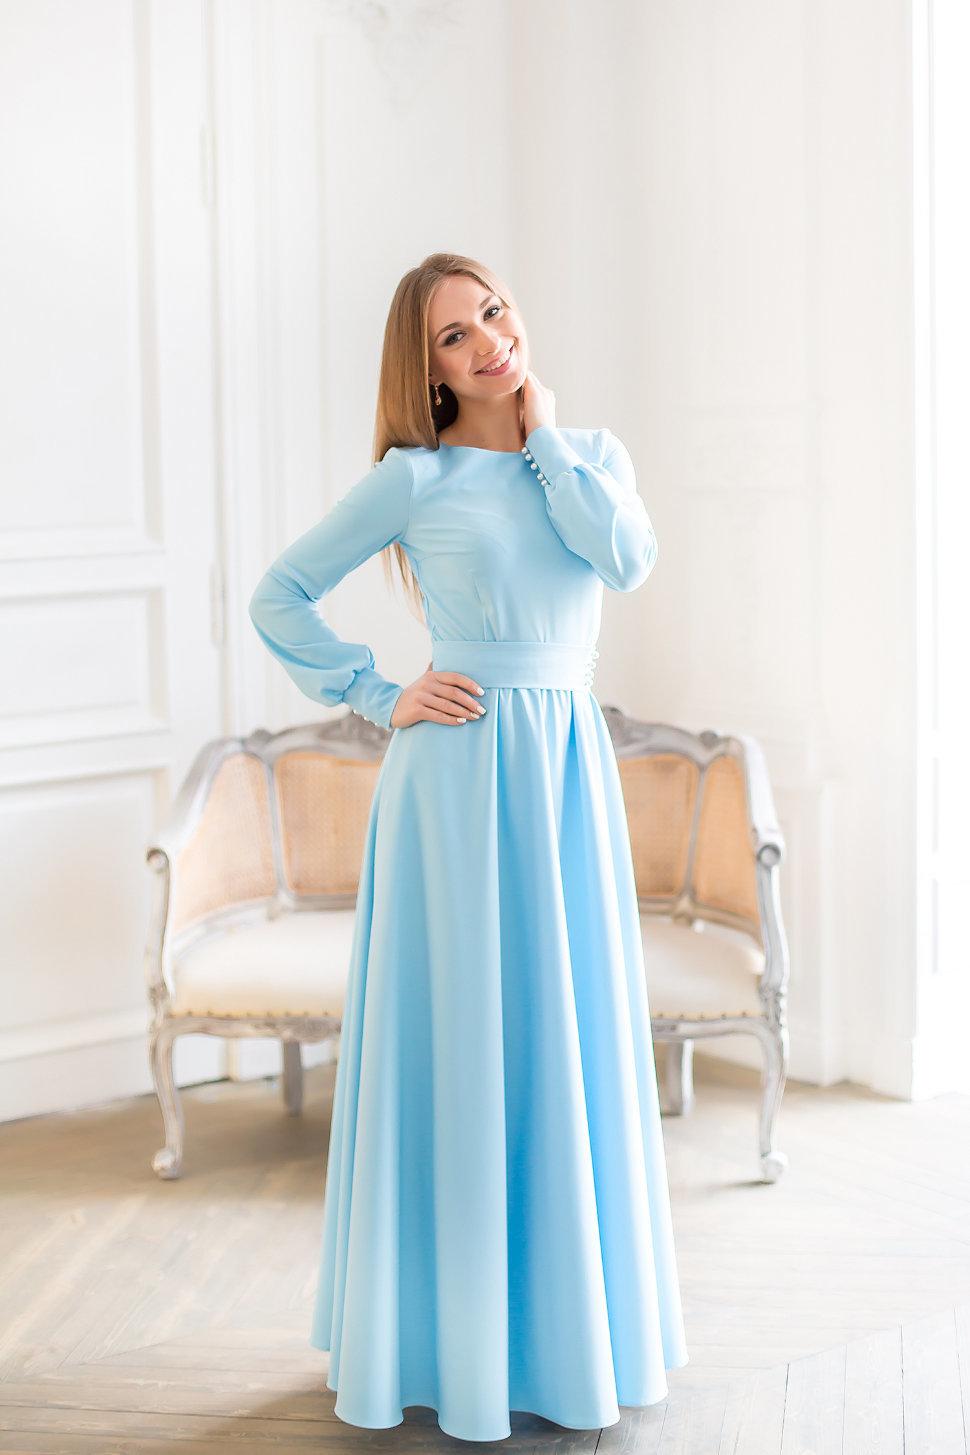 отображена одна платье в пол с рукавами голубое фото радостью согласилась помочь